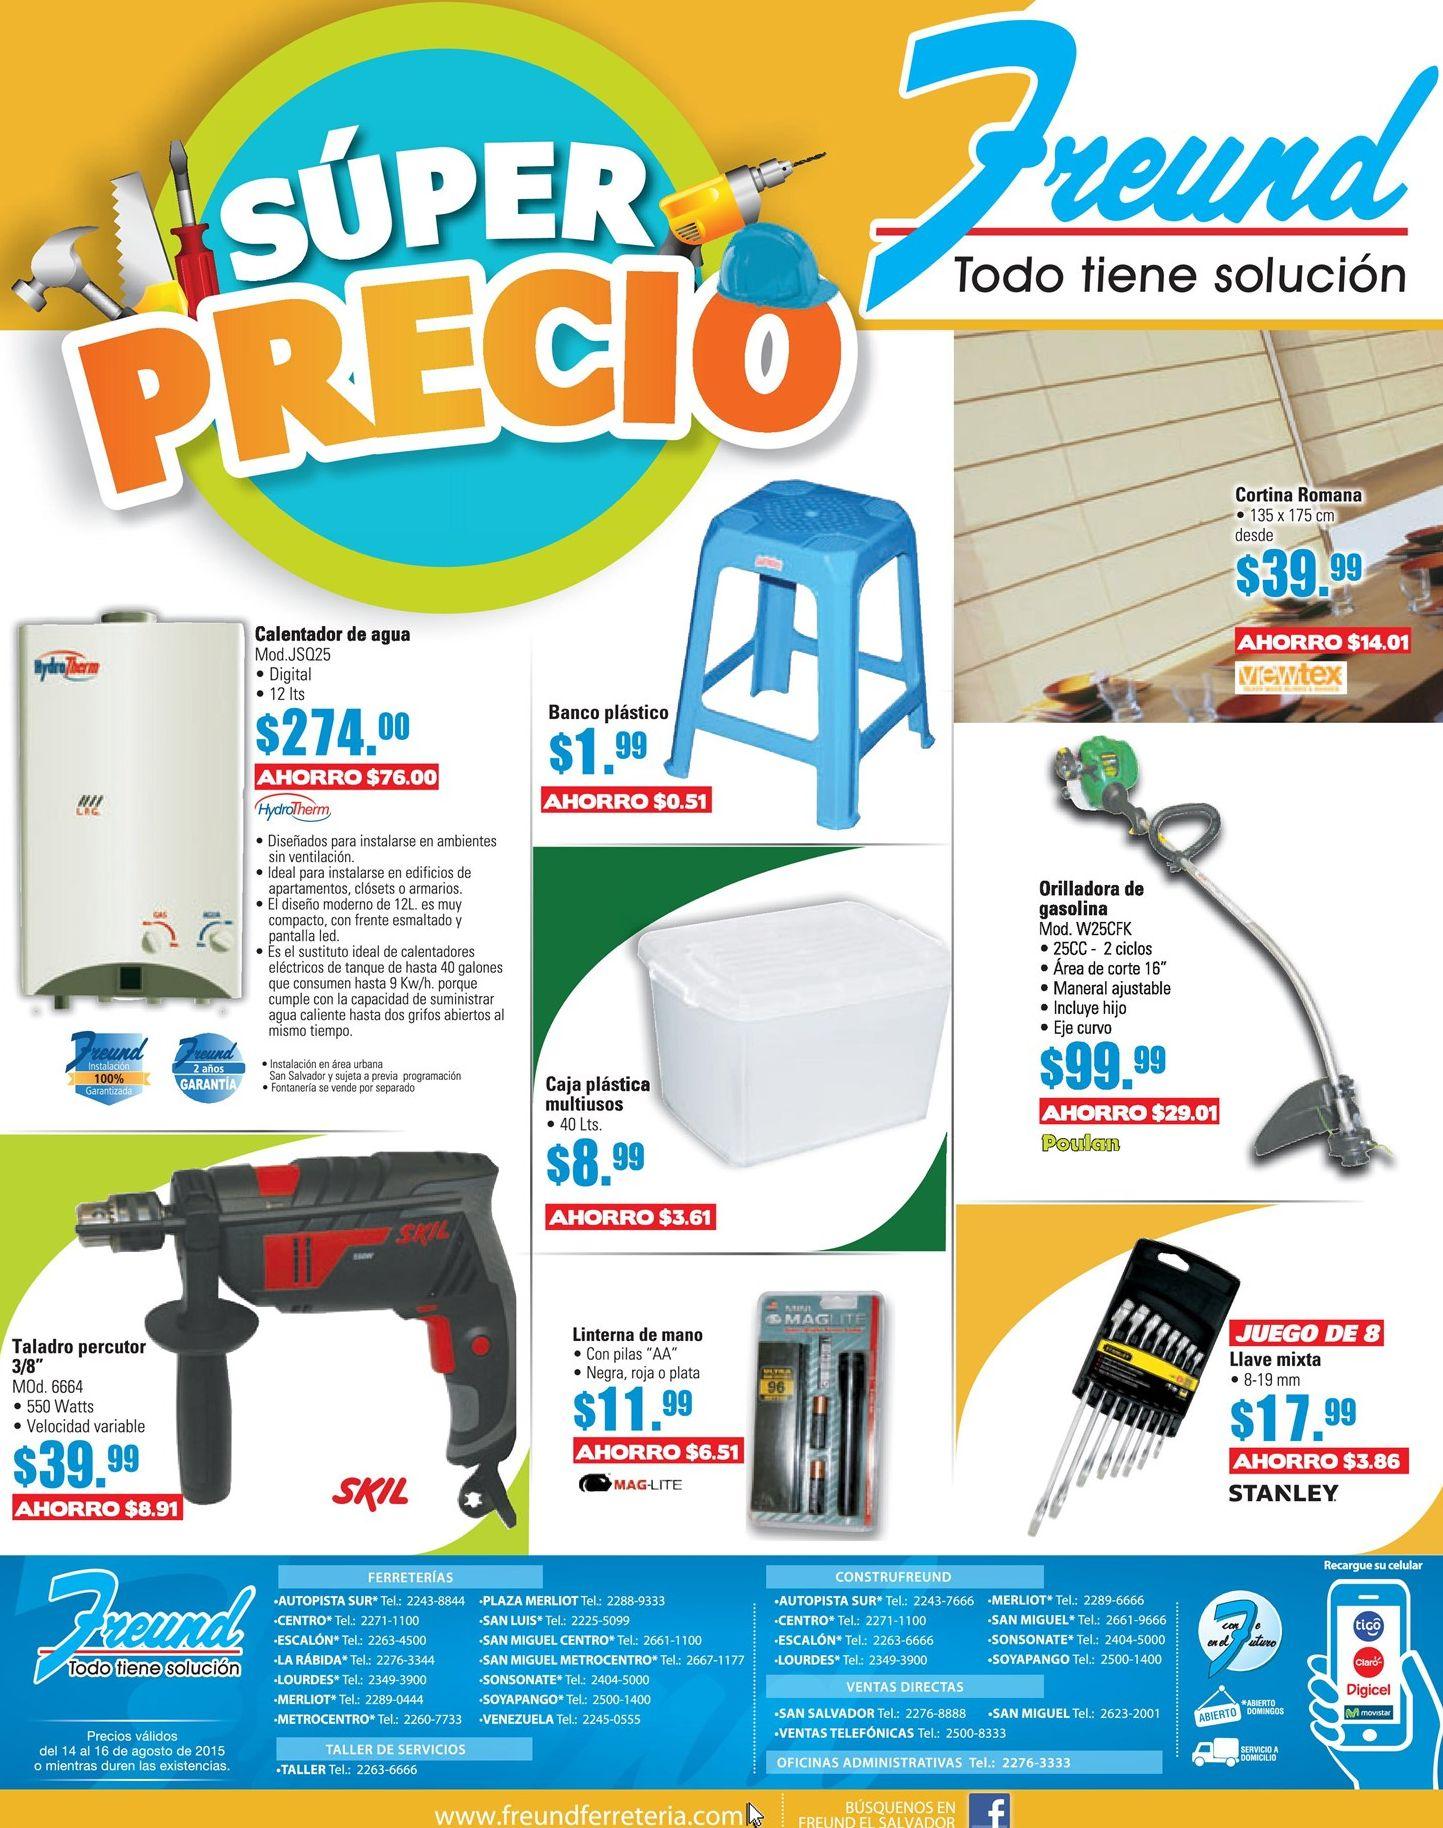 Super precio en productos freund calentador de agua - Calentador de agua precios ...